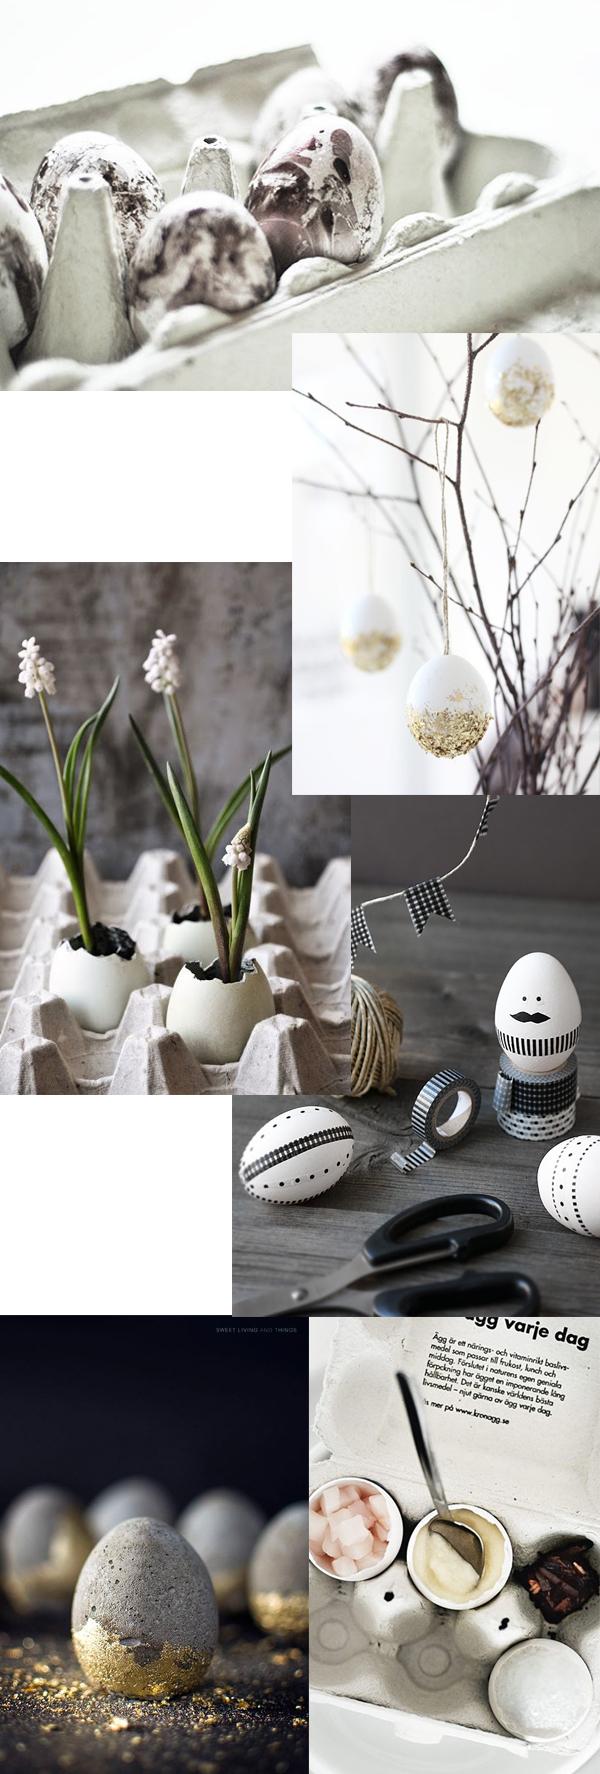 påskpynt, diy påsk, betongägg, påskris, marmorera ägg, påskdukning